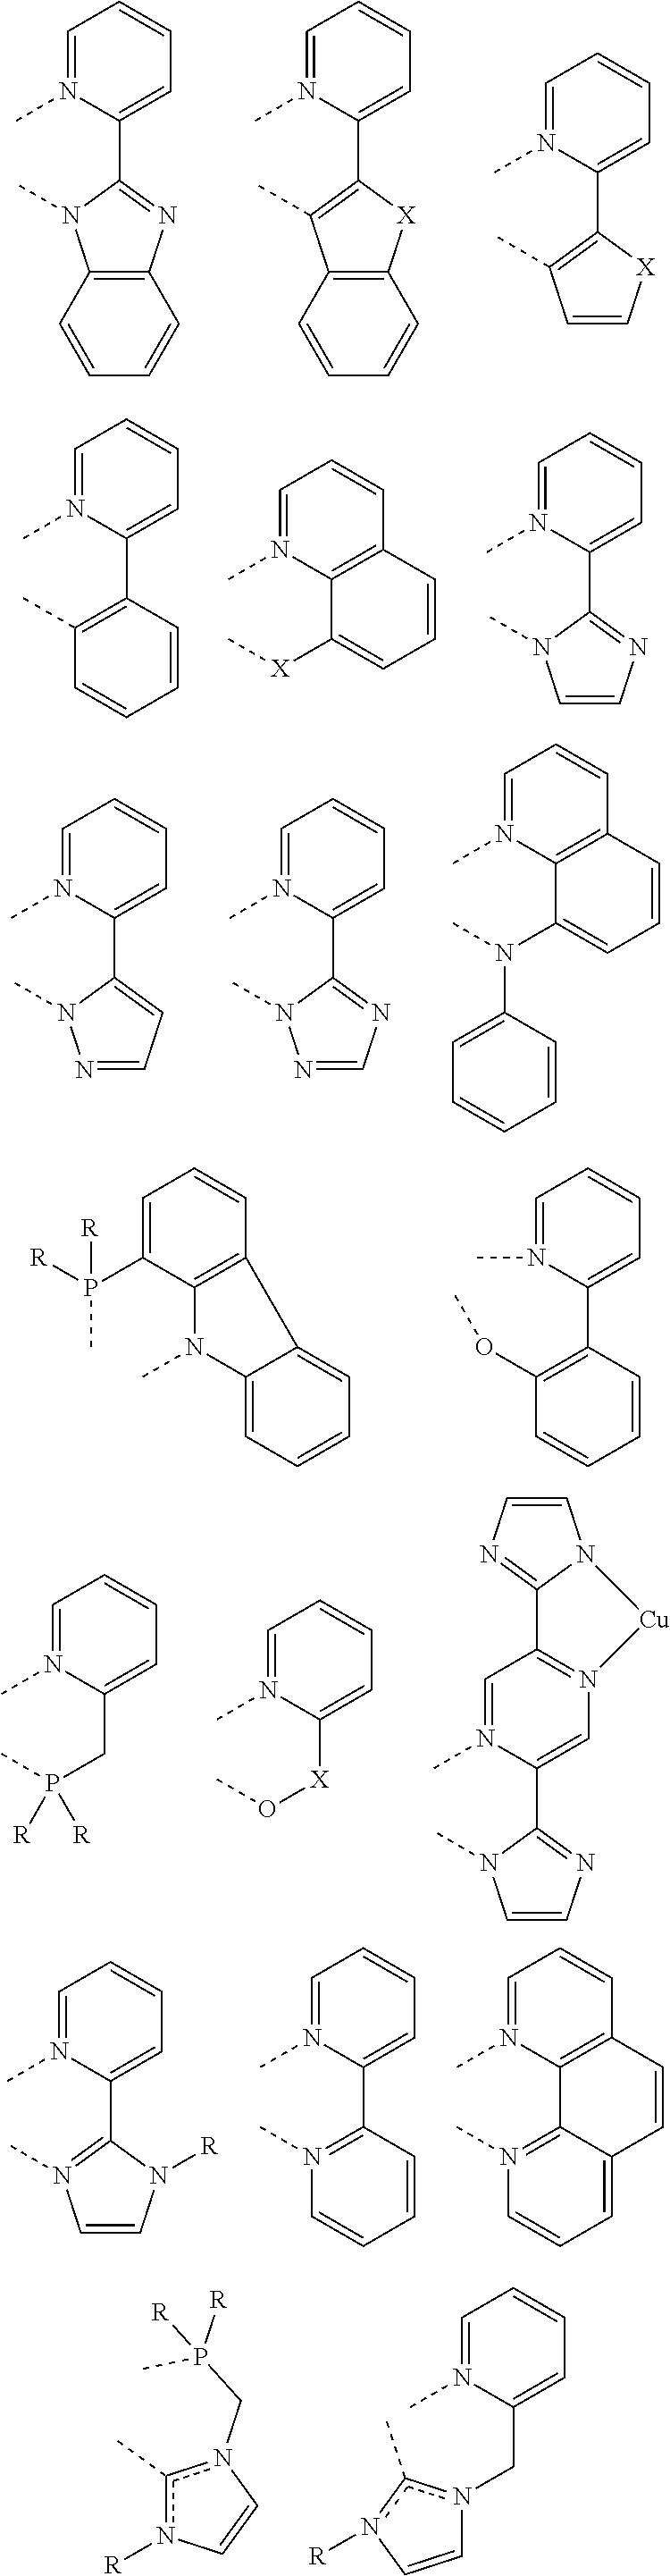 Figure US09773986-20170926-C00244